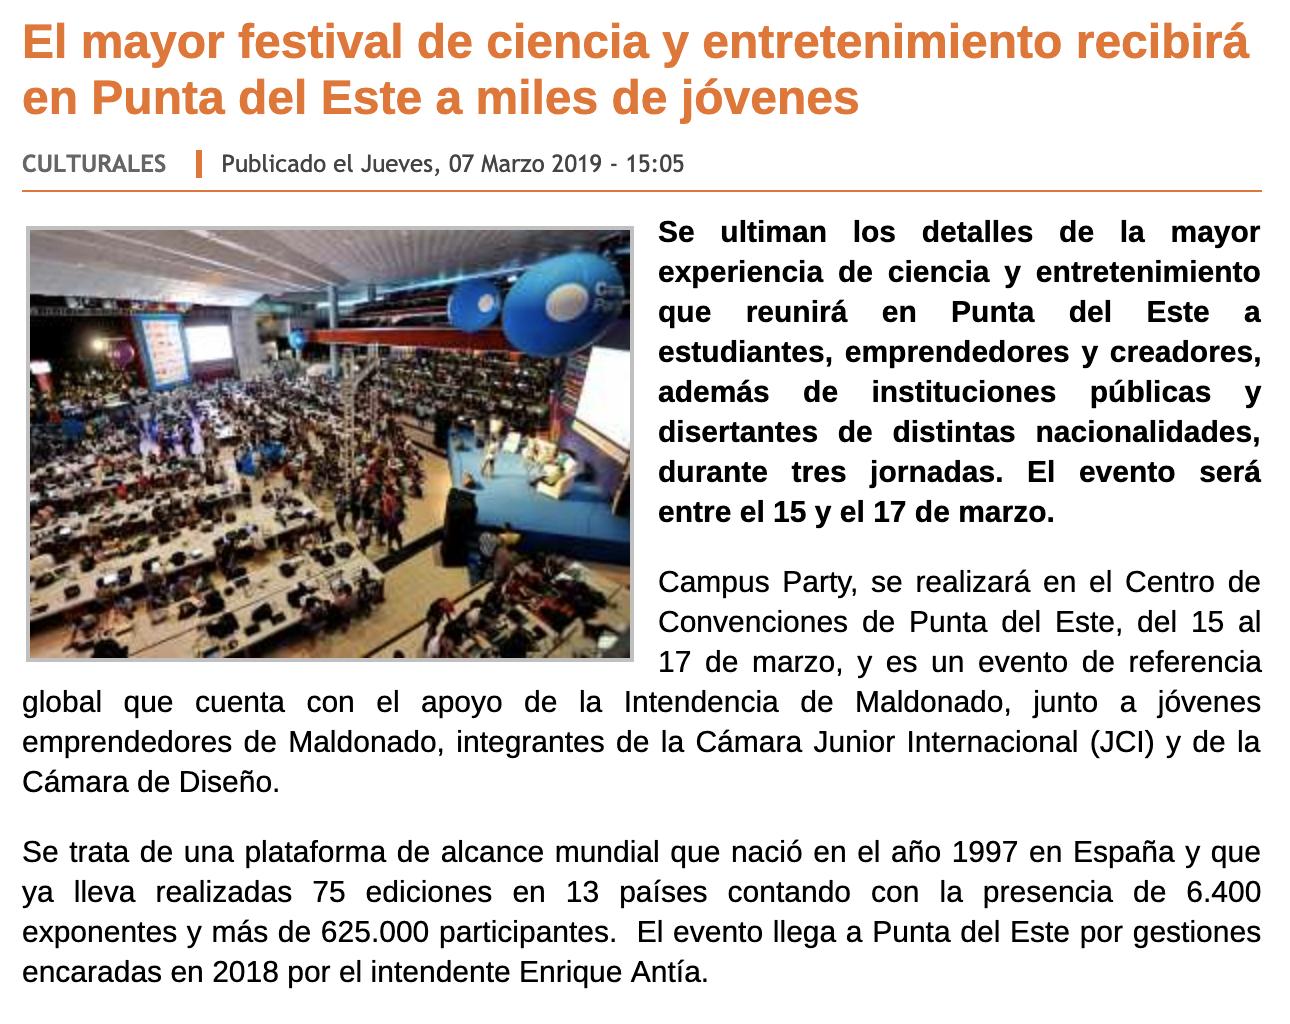 El mayor festival de ciencia y entretenimiento recibirá en Punta del Este a miles de jóvenes -